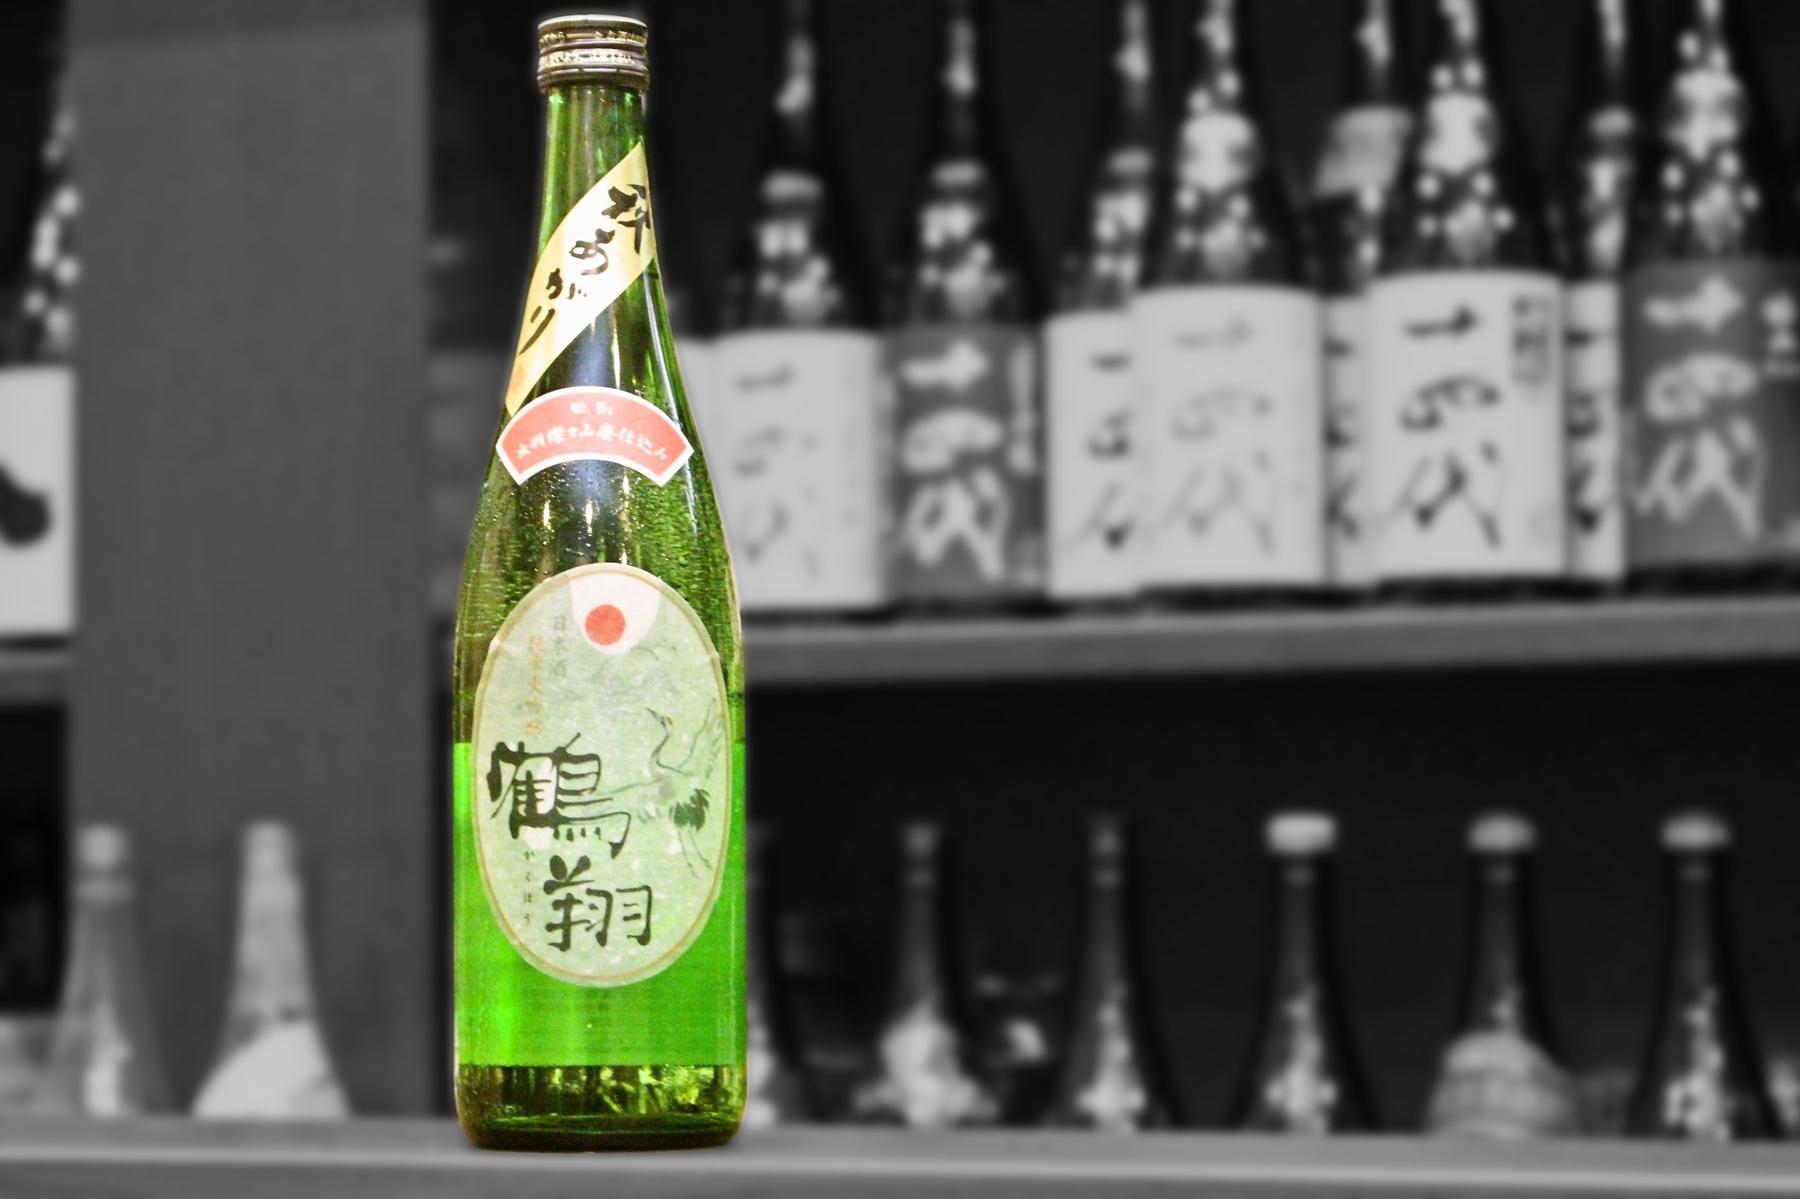 鶴翔山廃純米大吟醸出羽燦々202009-001